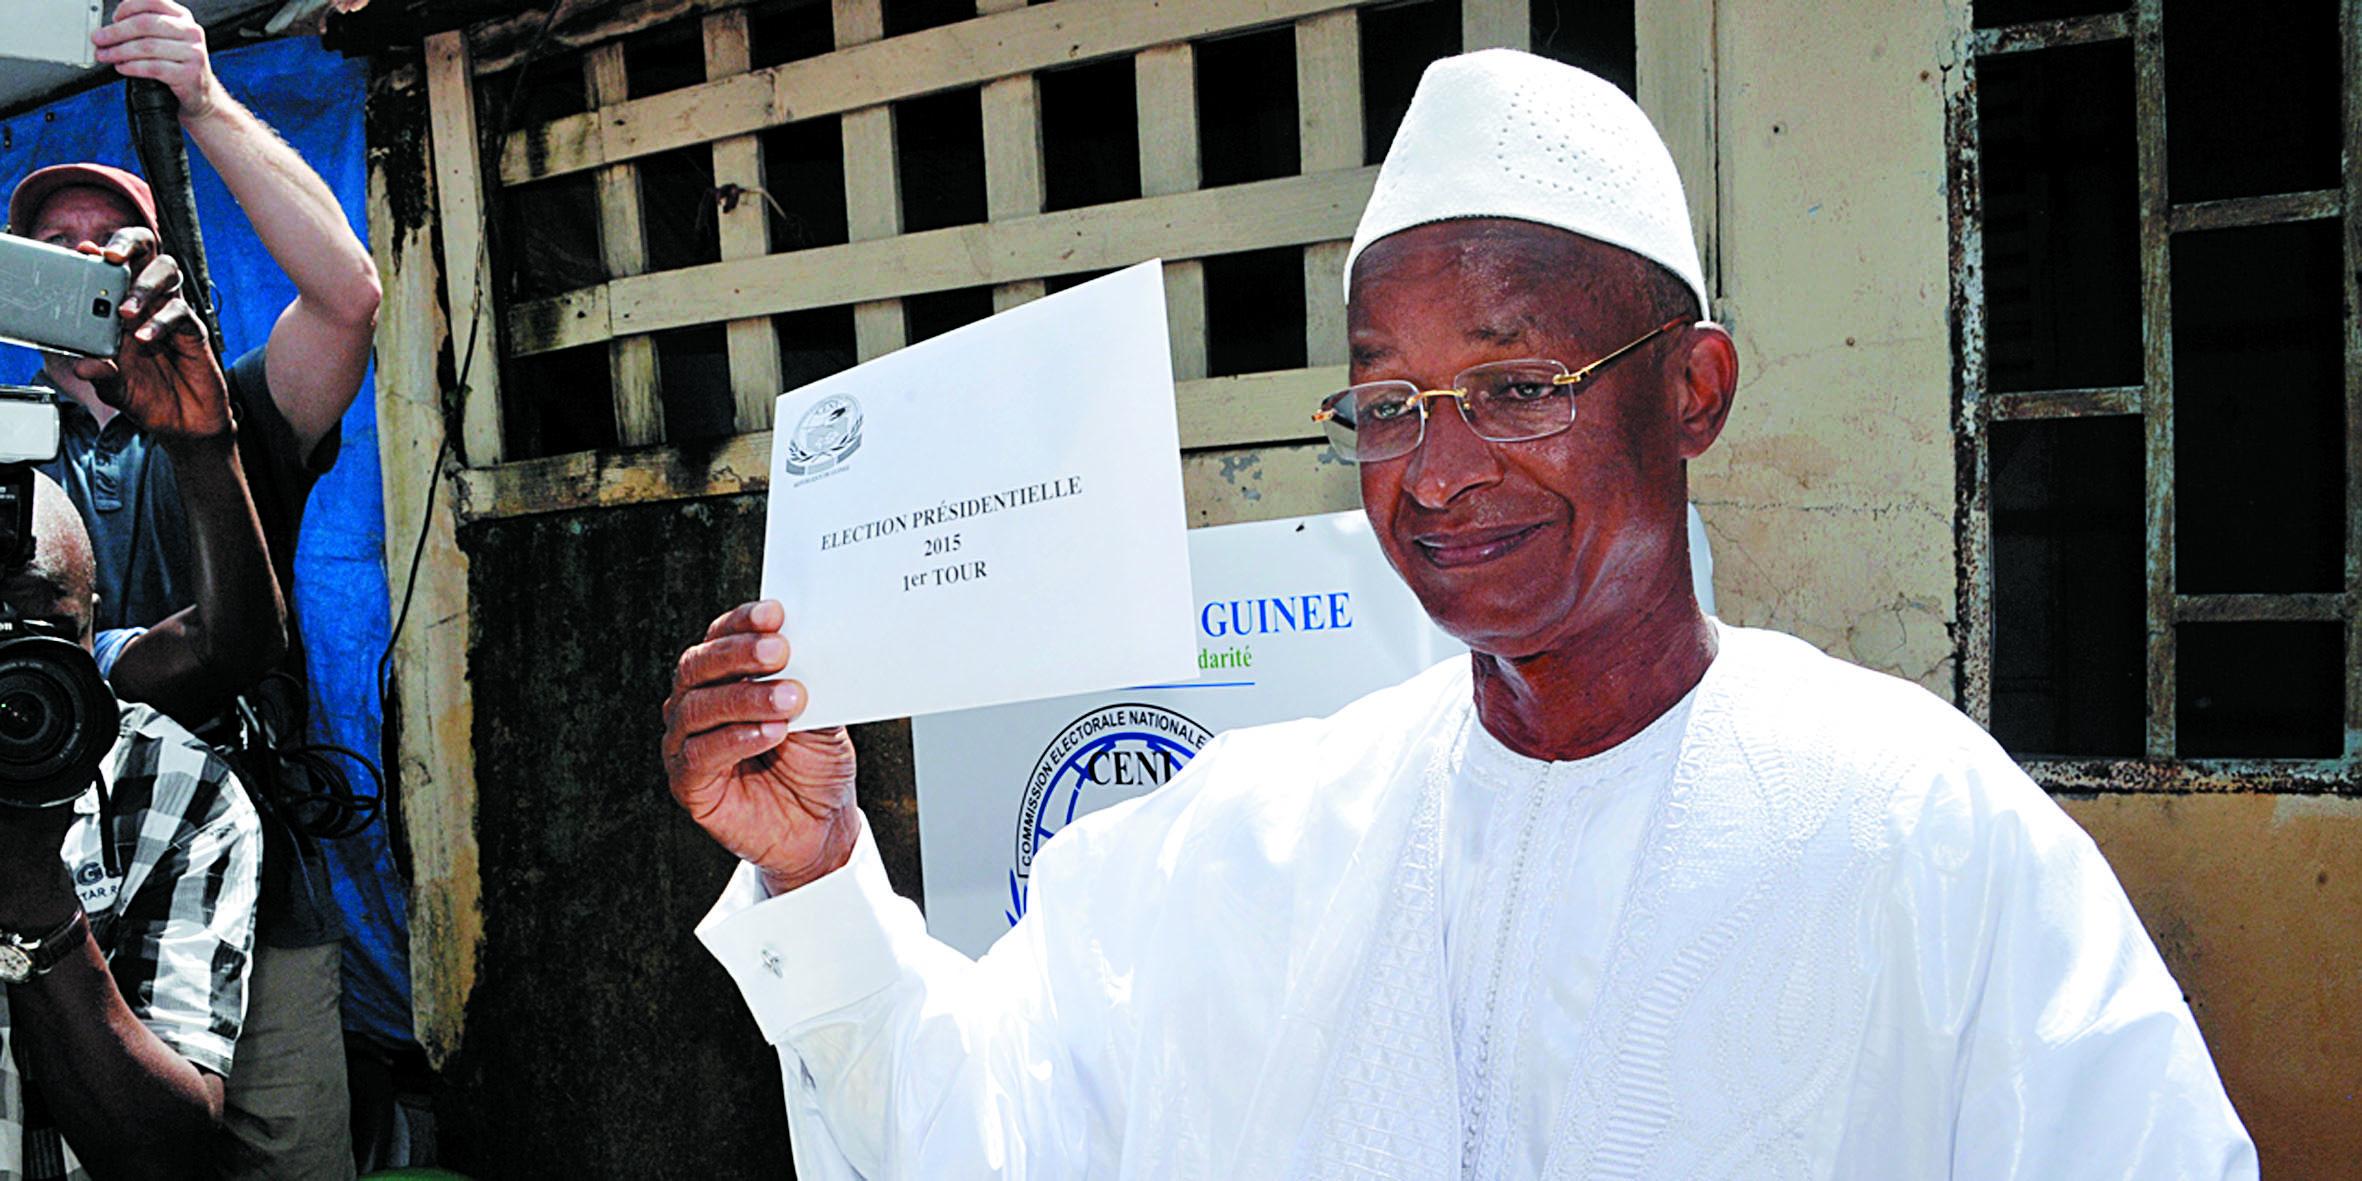 La réélection de Condé au 1er tour accueillie dans le calme en Guinée